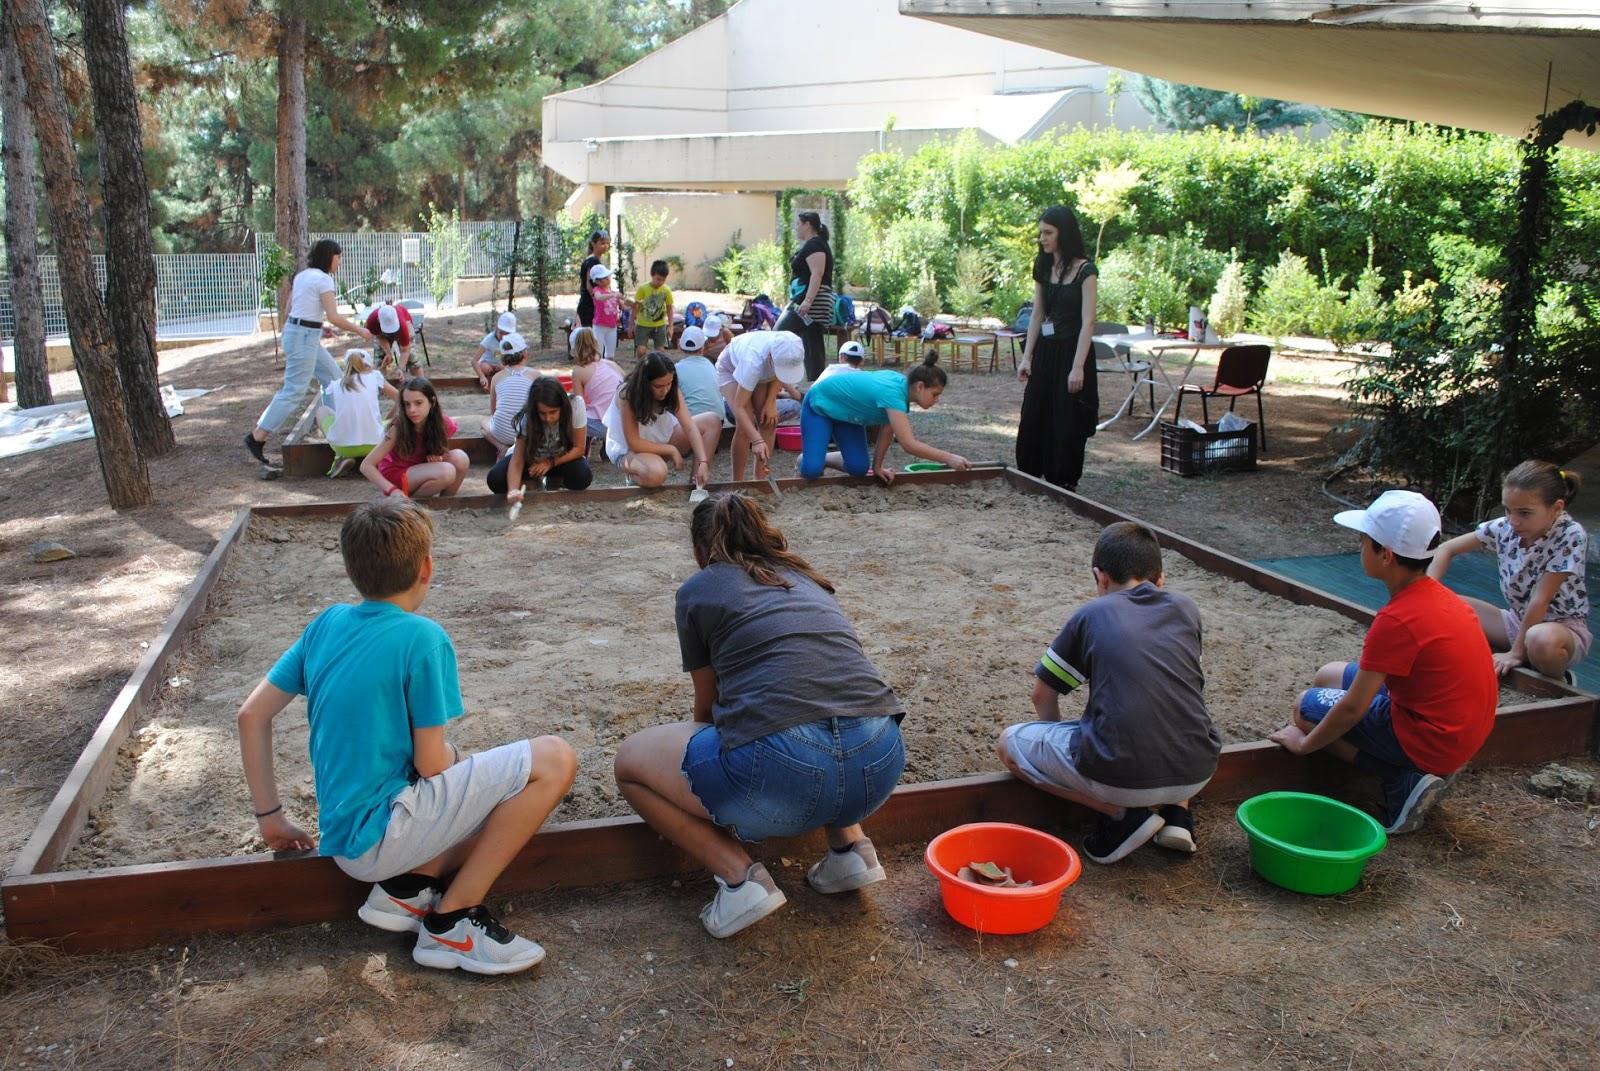 Μικροί Κατασκηνωτές - Μεγάλοι αρχαιολόγοι